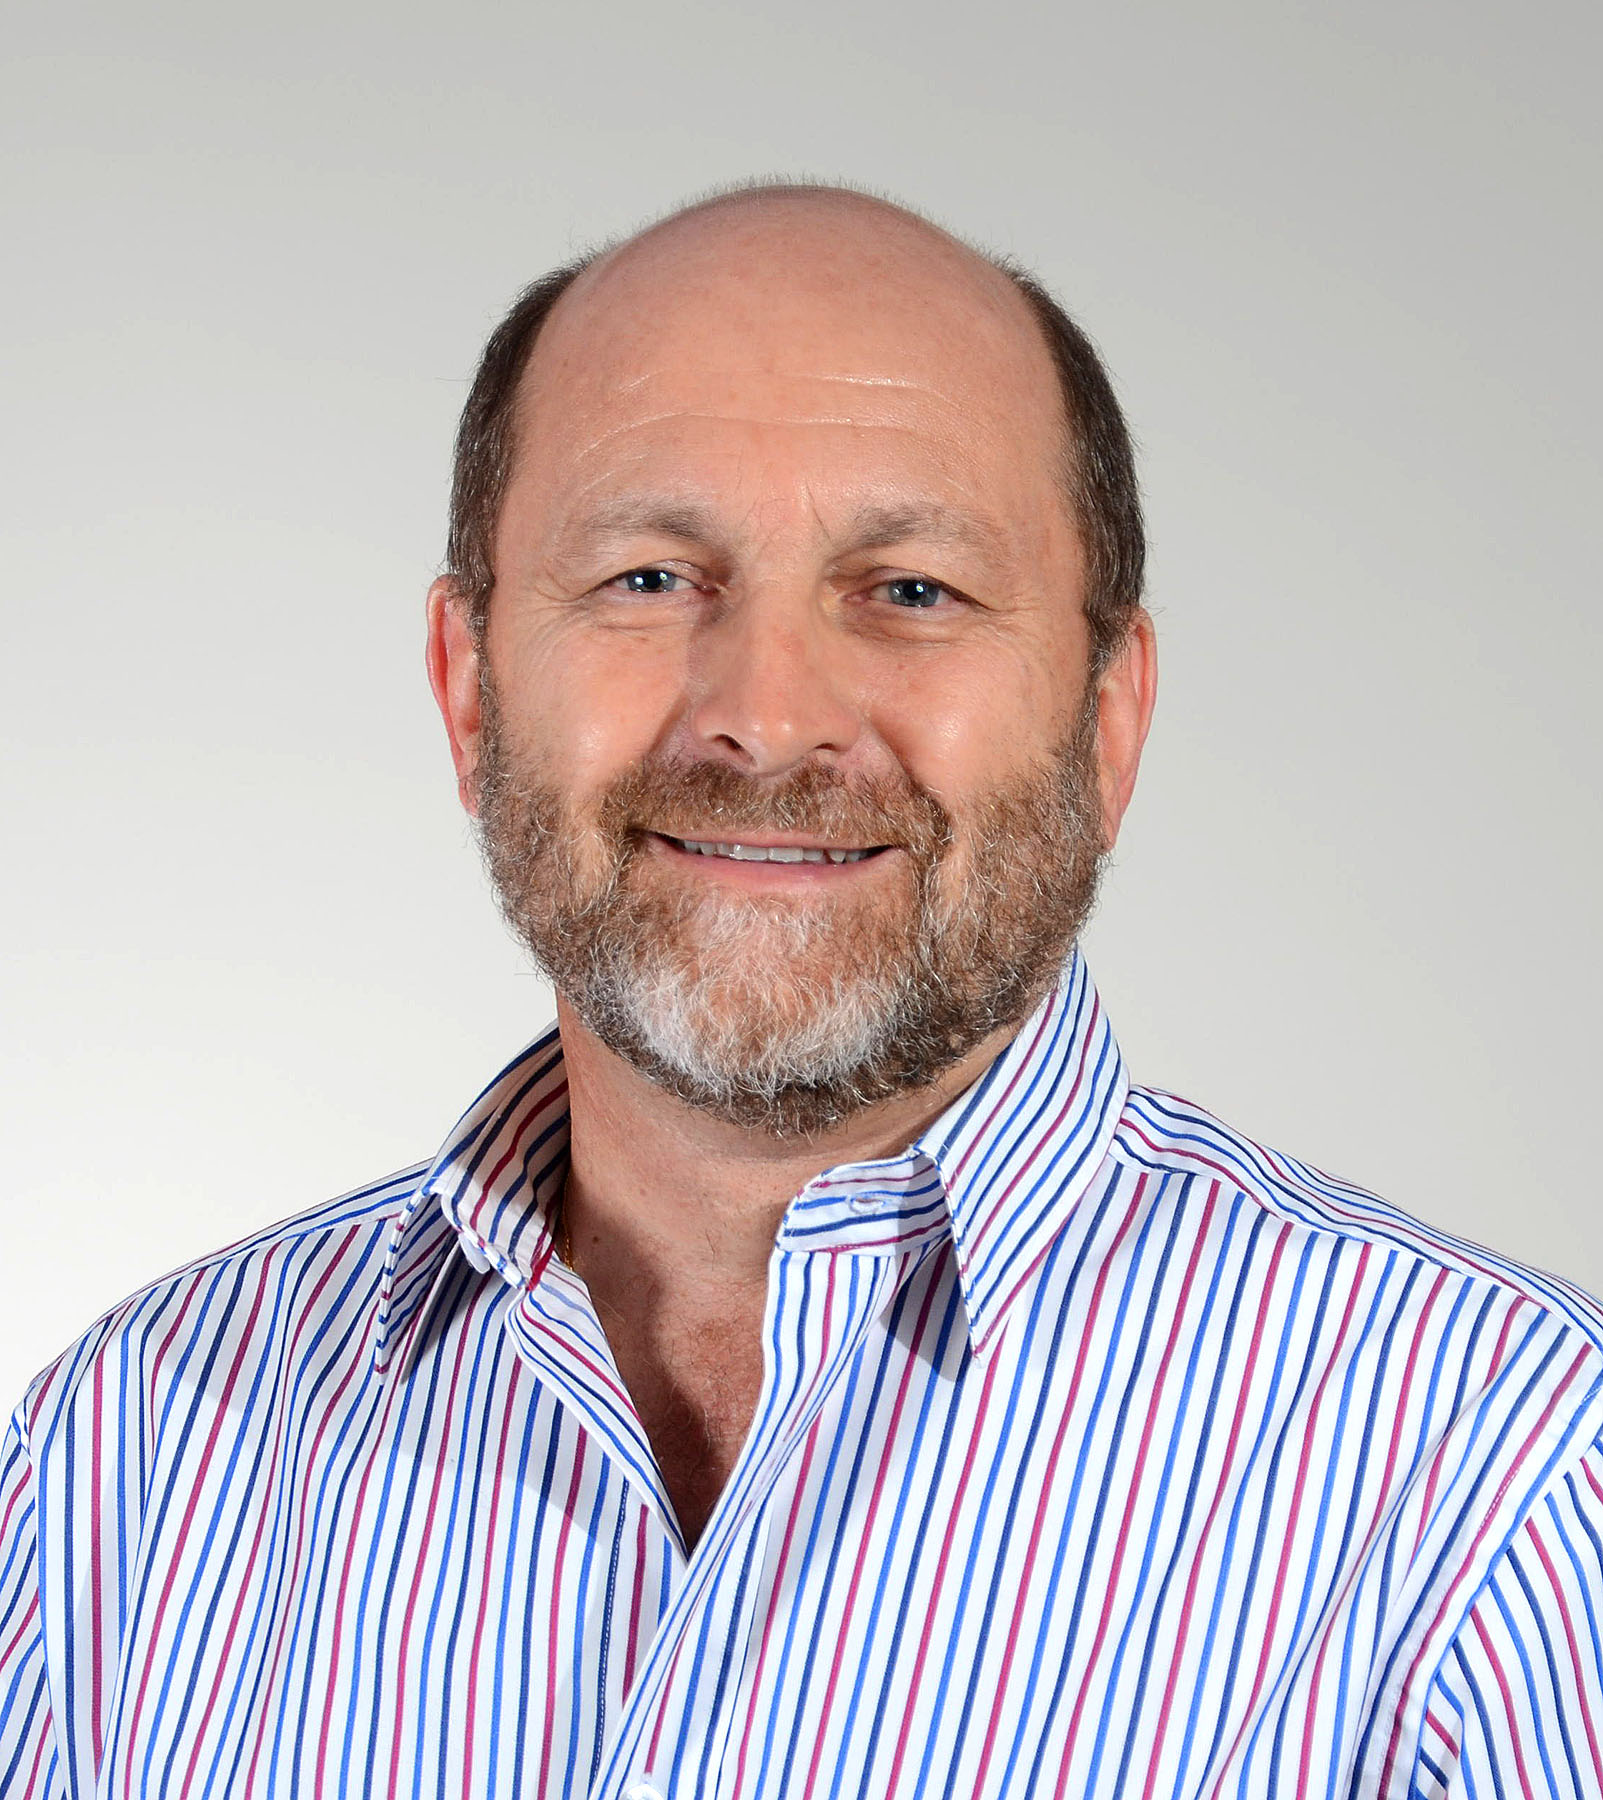 Geoff Oliver